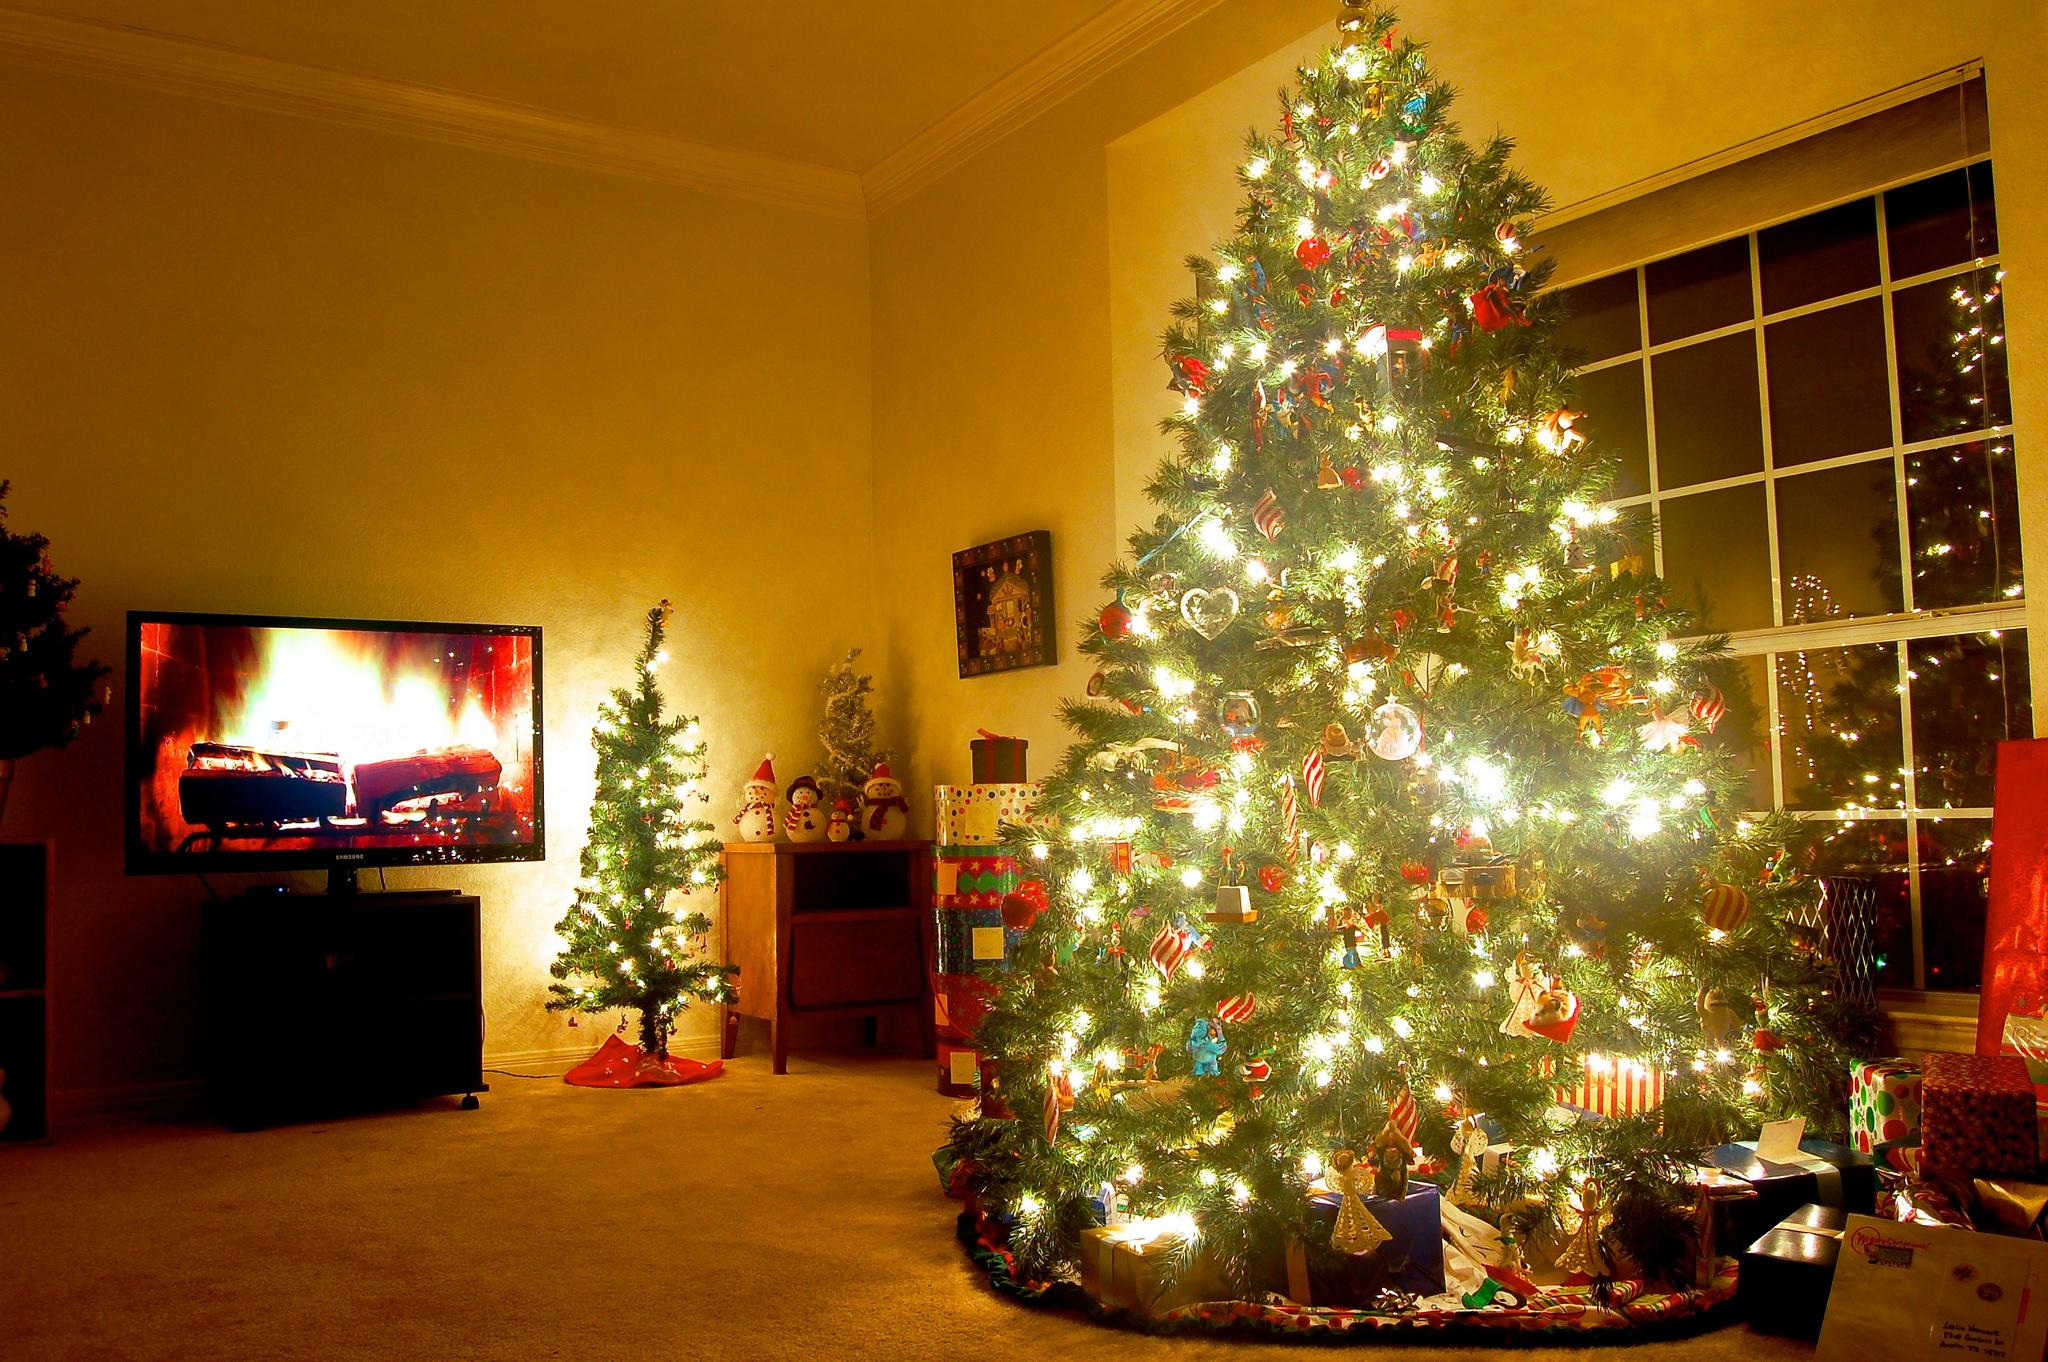 Donde se pone el arbol de navidad